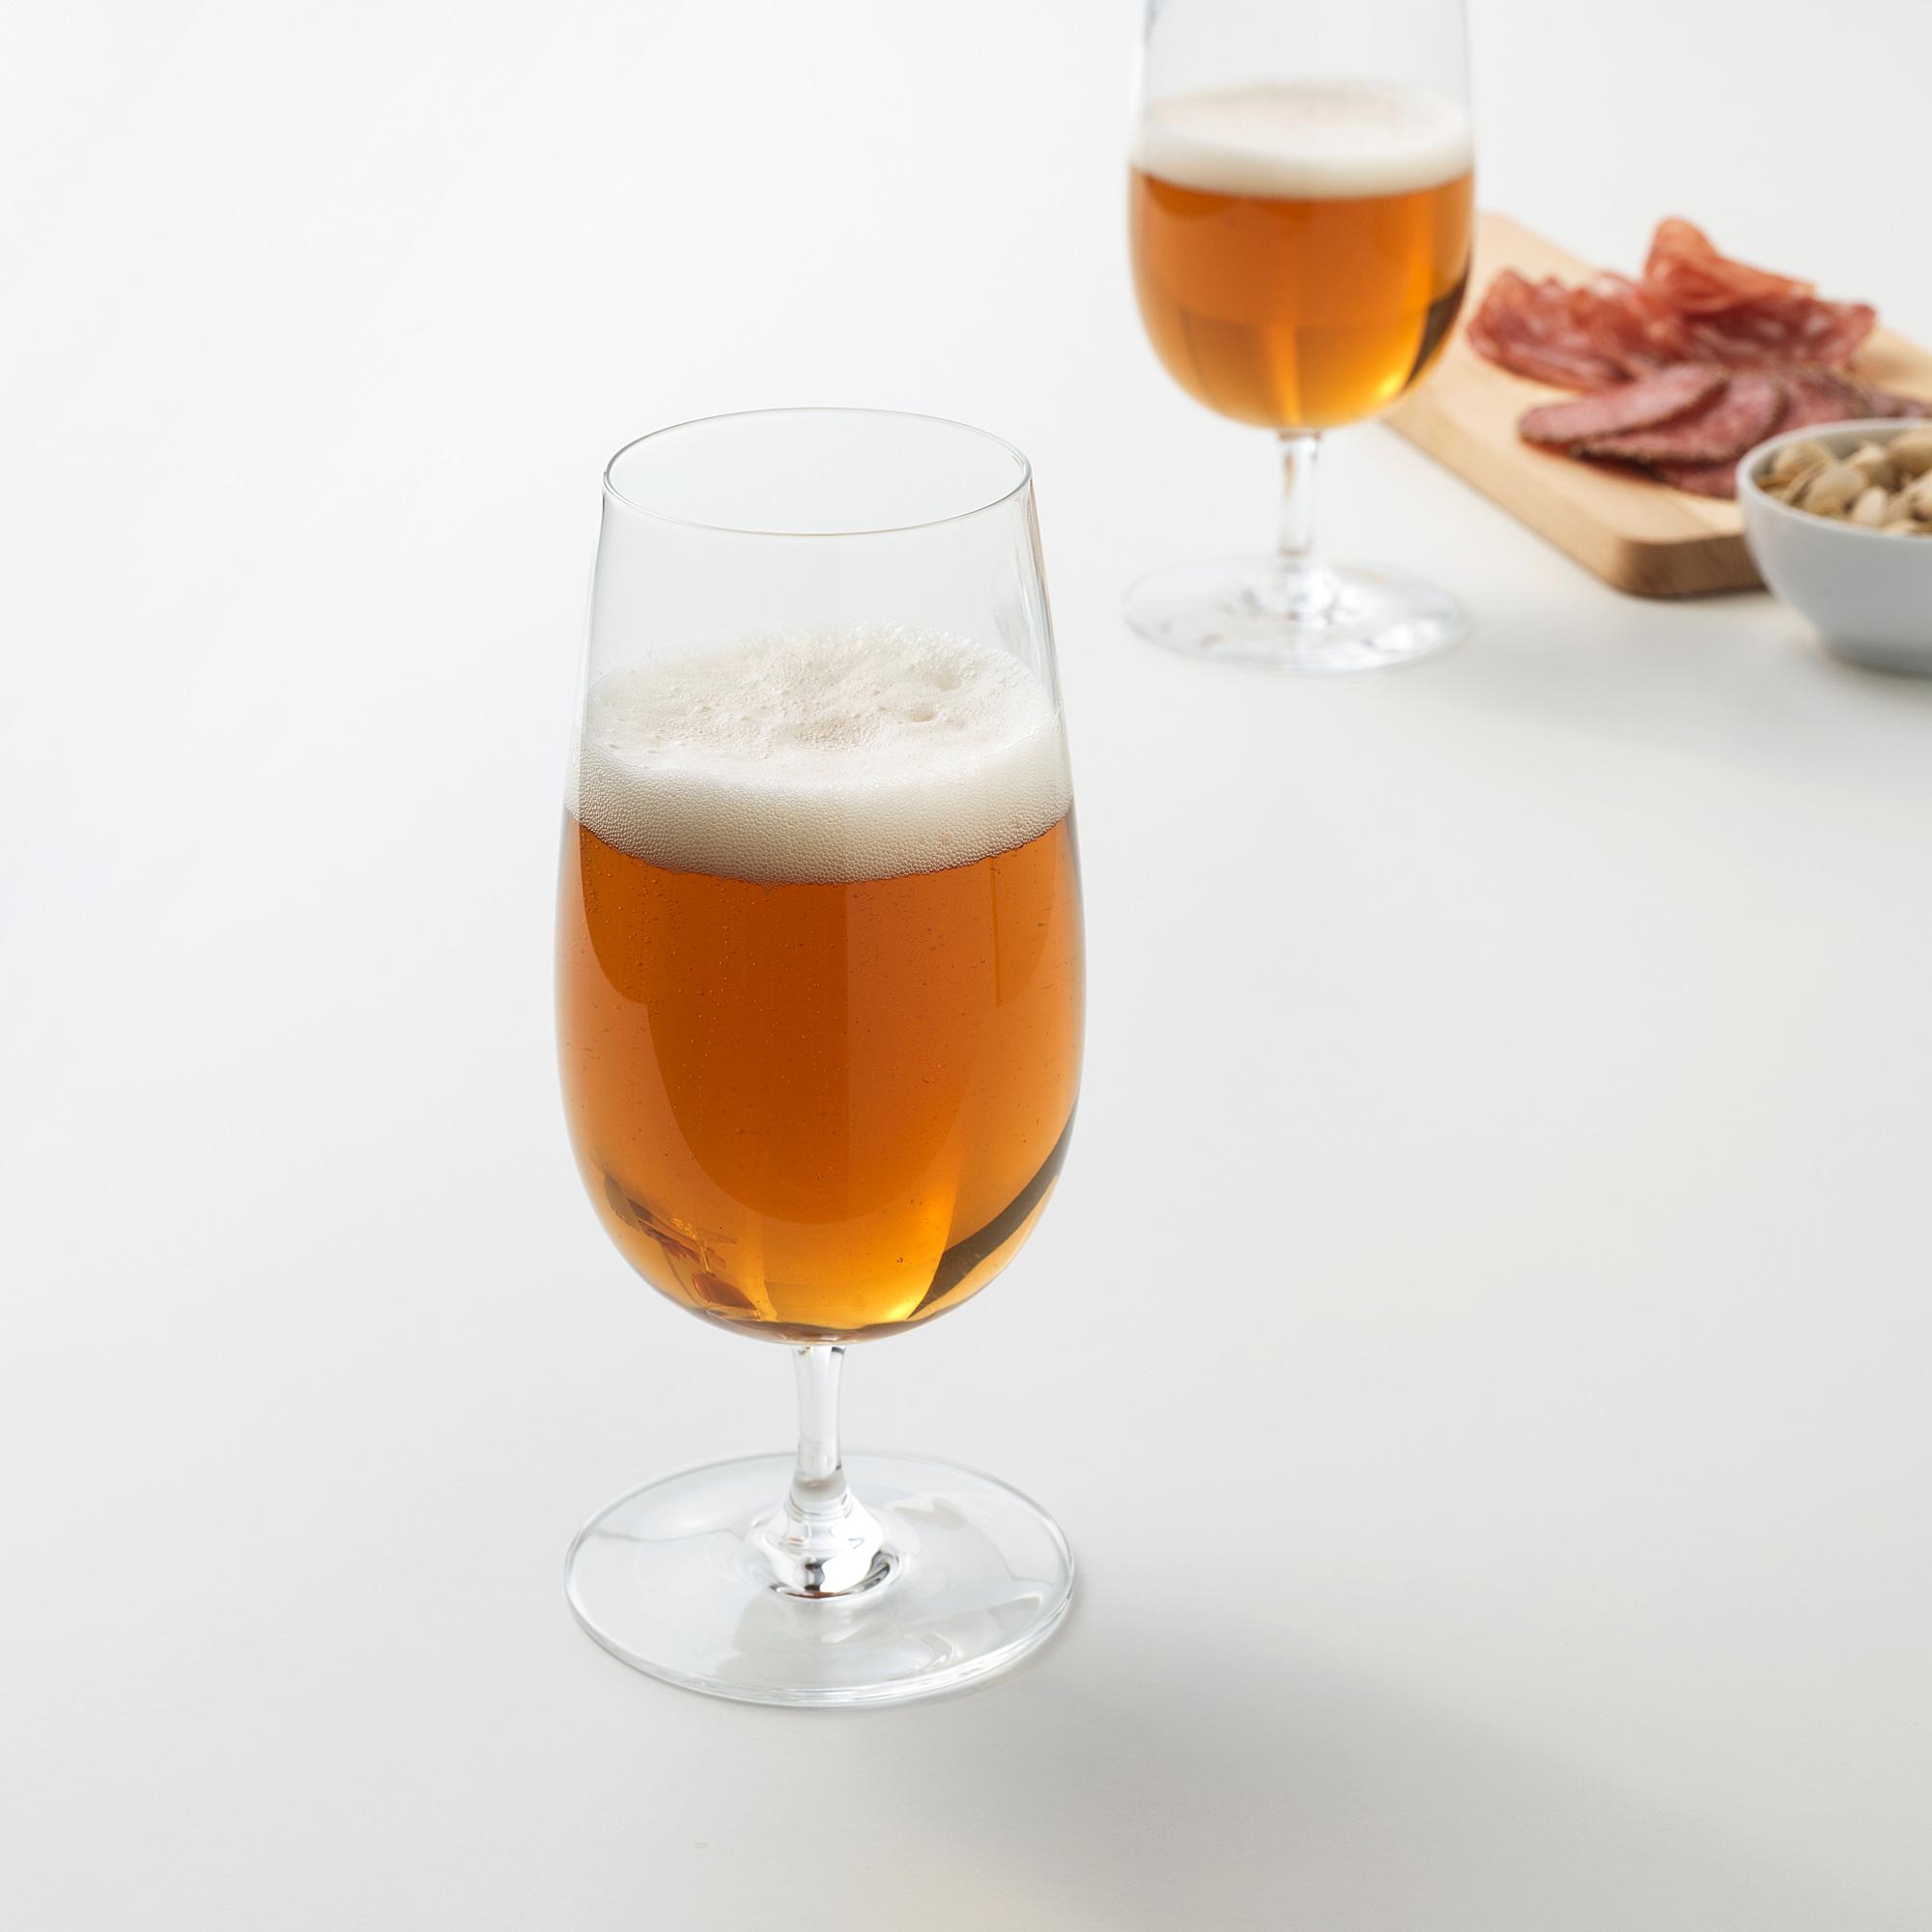 STORSINT beer glass